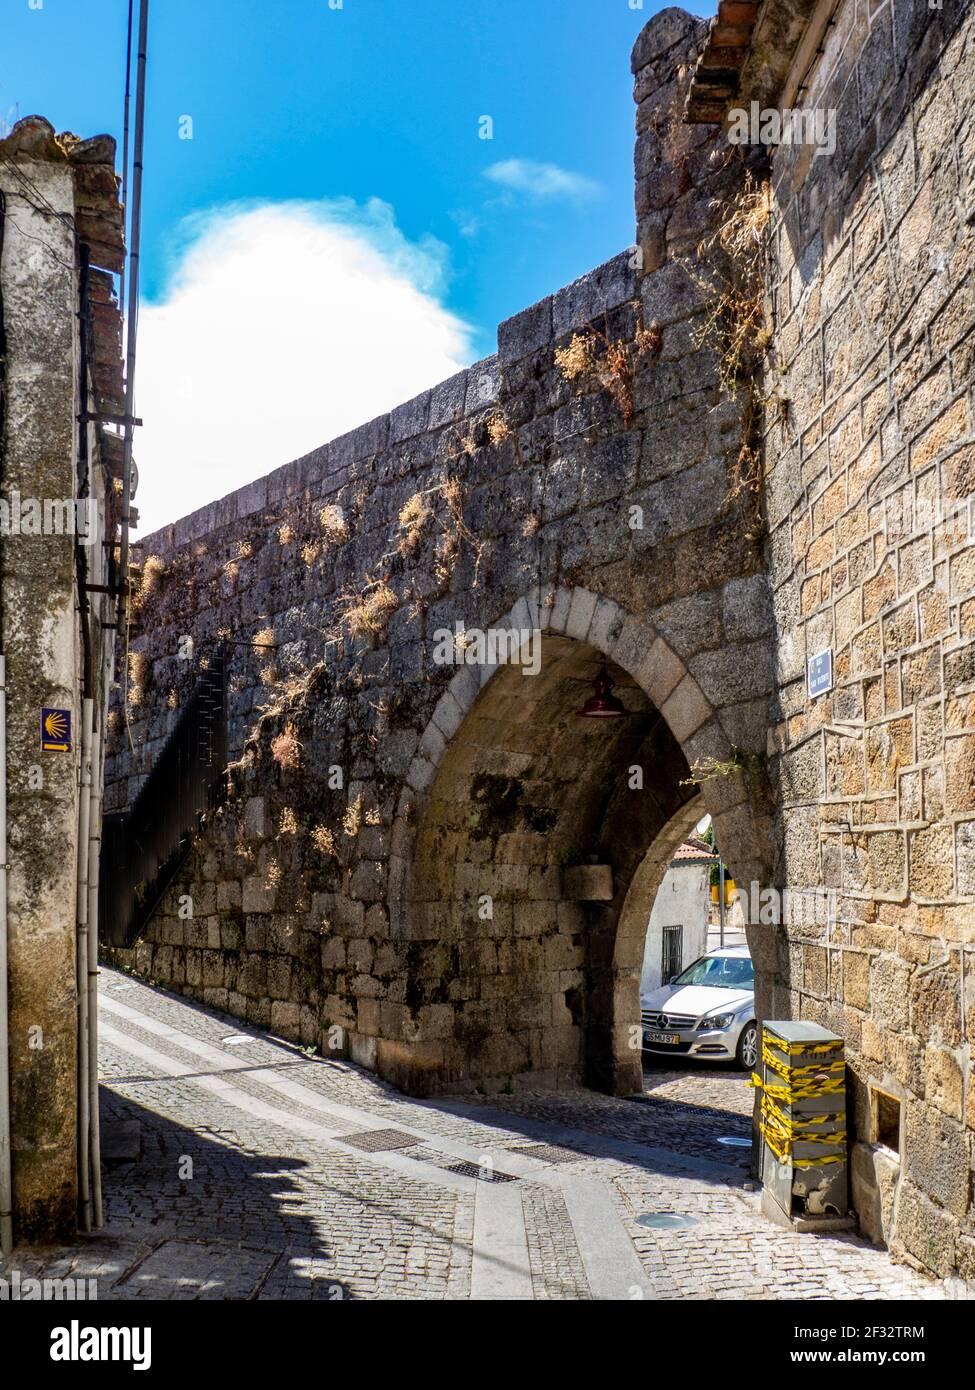 Guarda, Portugal; 2020 de agosto: 'Porta d'el Rei', una de las puertas de la antigua muralla de la ciudad medieval de guarda, Portugal. Foto de stock